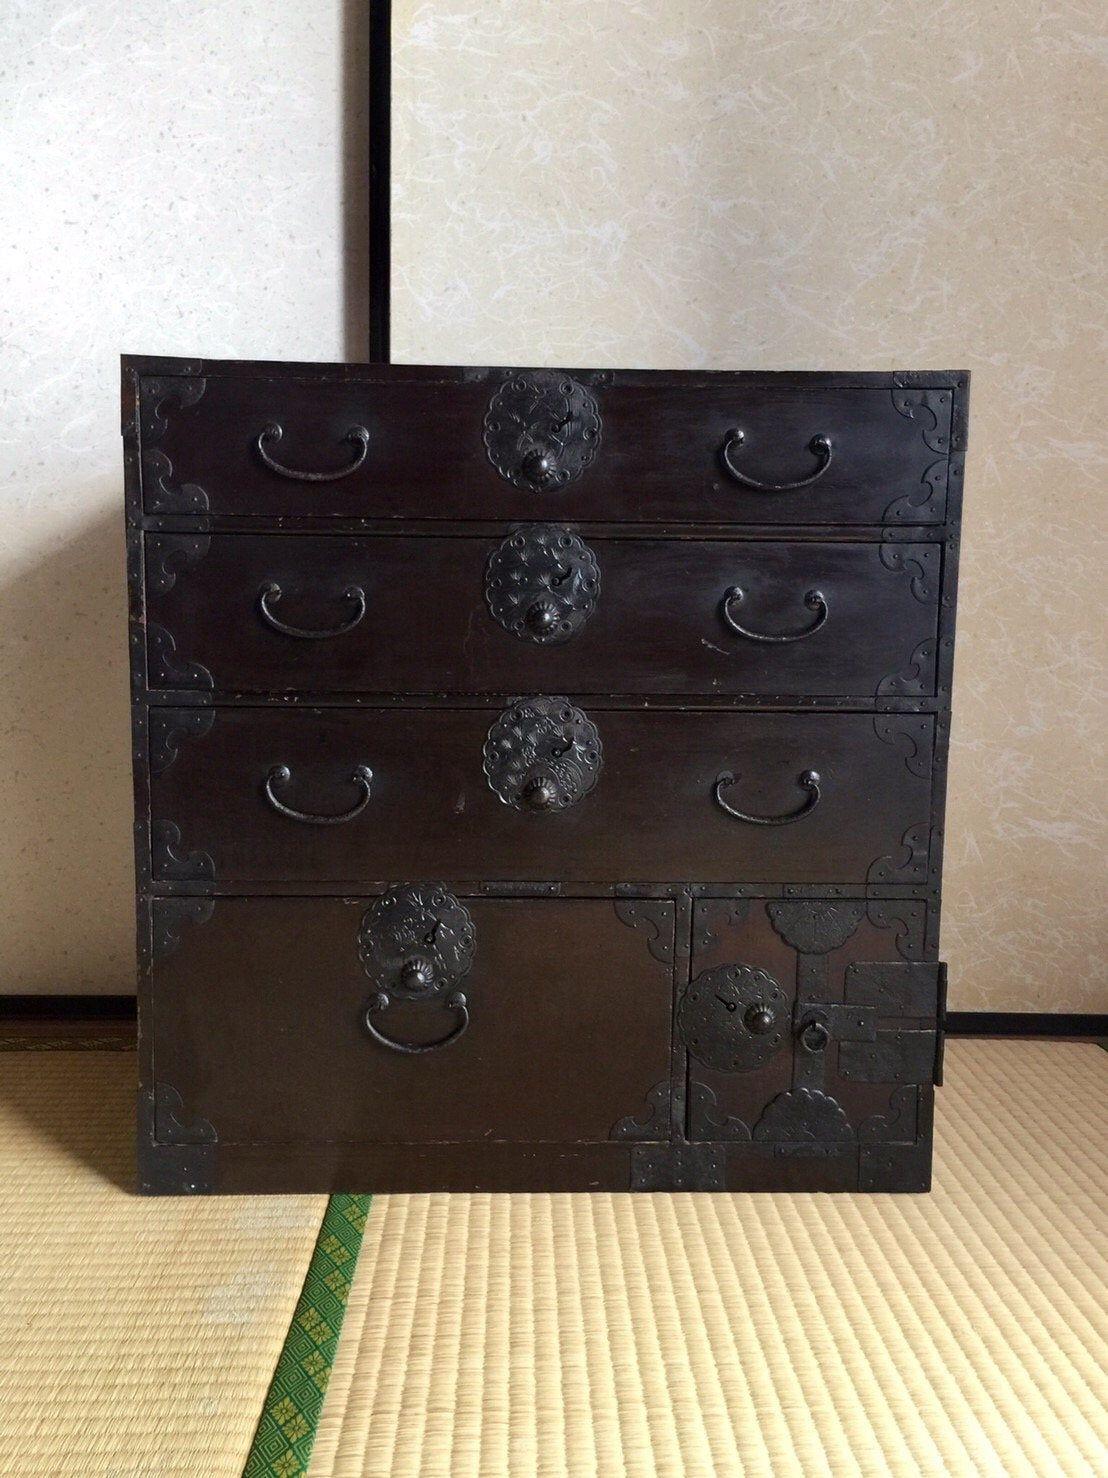 Epingle Sur Antique Wooden Furniture